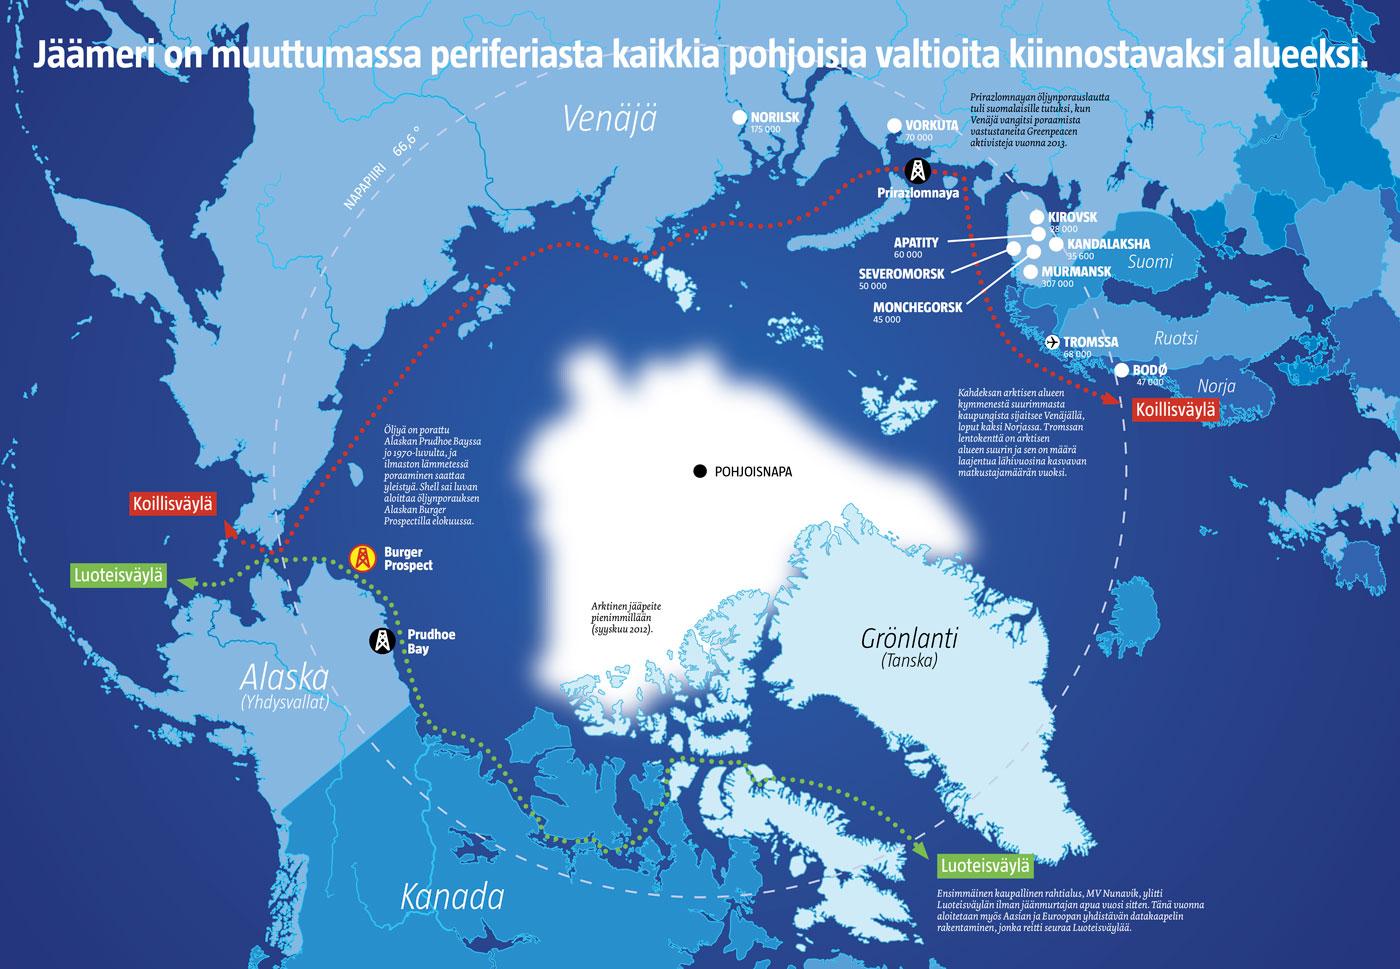 Arktis-graafi (Emmi Skytén/Iiro Törmä)